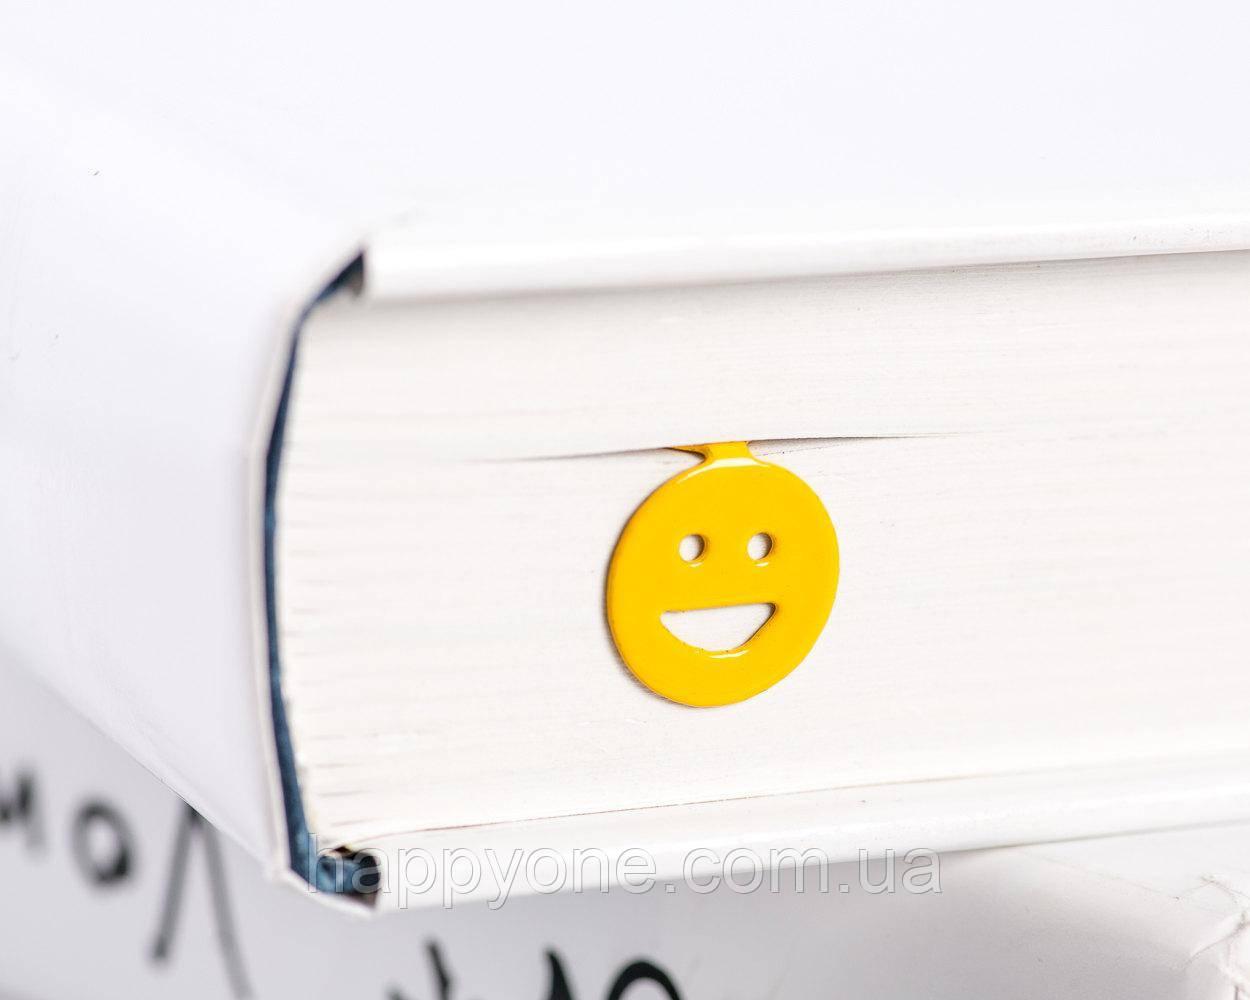 Закладка для книг Смайл